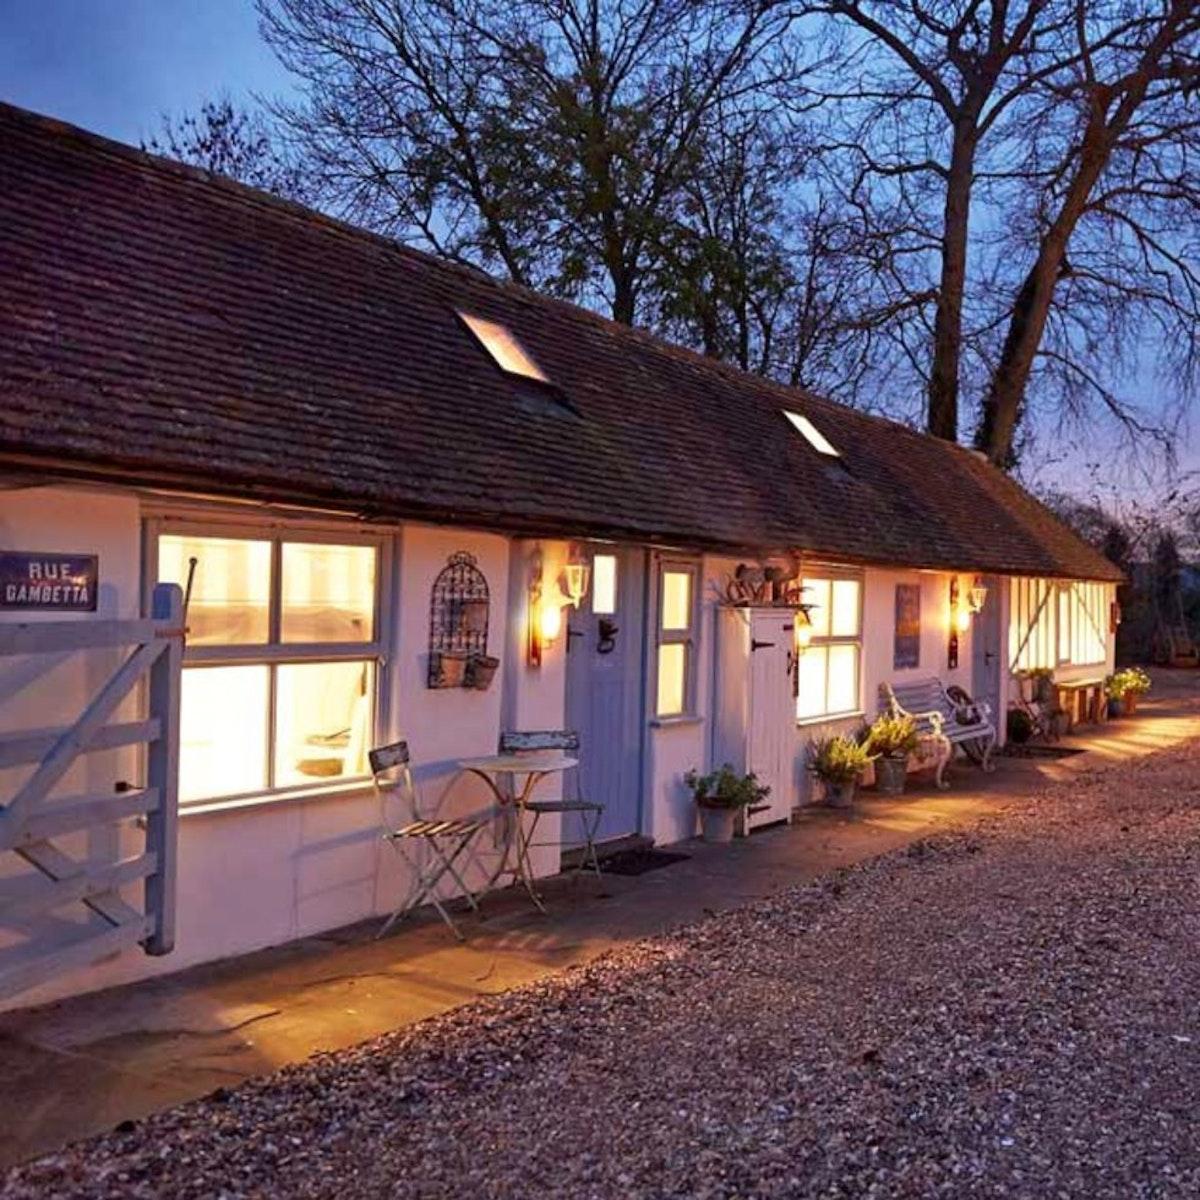 Romantic Country Hotels Uk: Romantic Weekend Breaks Near London